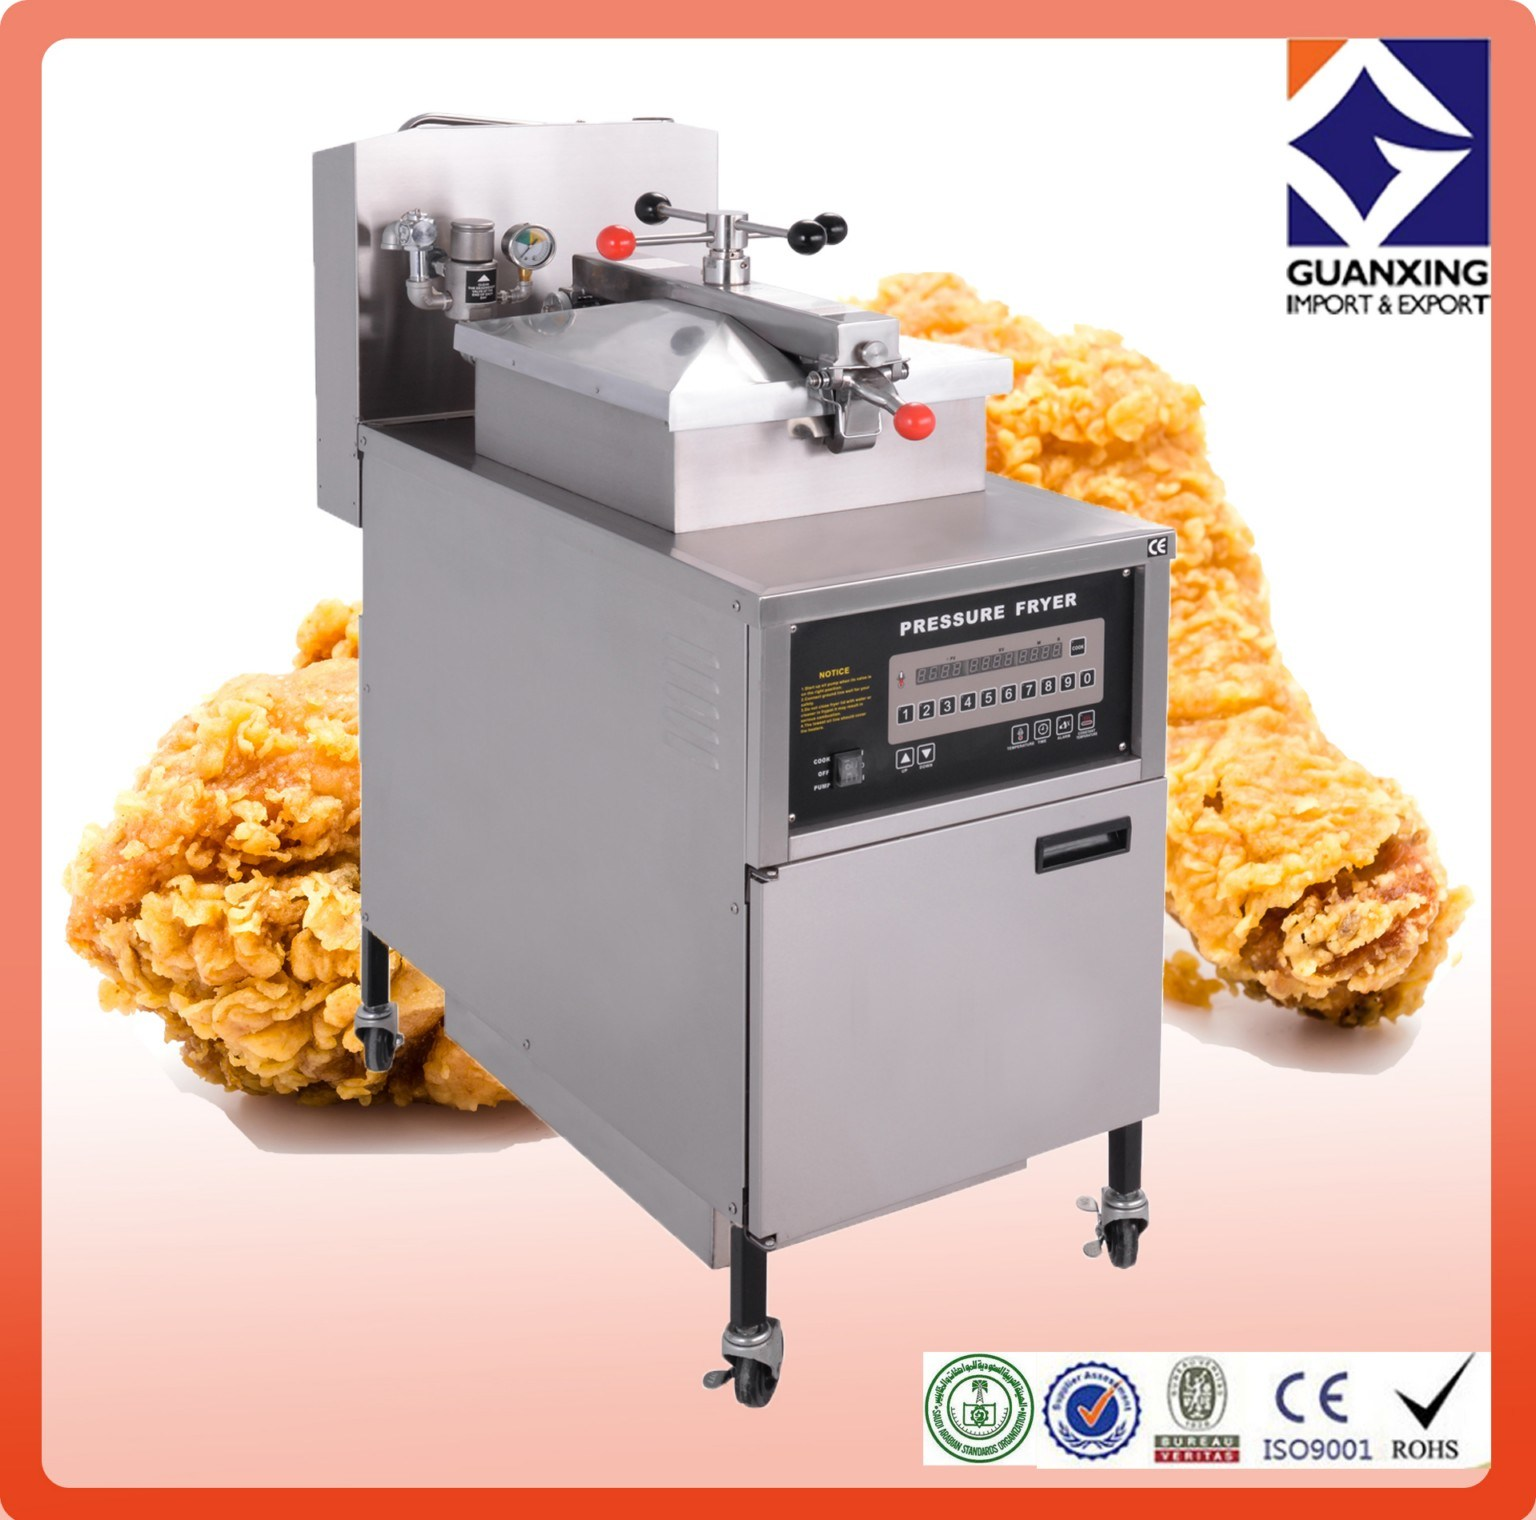 Chicken Machine/Pressure Fryer (CE and manufacturer) /Commercial Chicken Pressure Fryer/New Commercial Electric Fryer